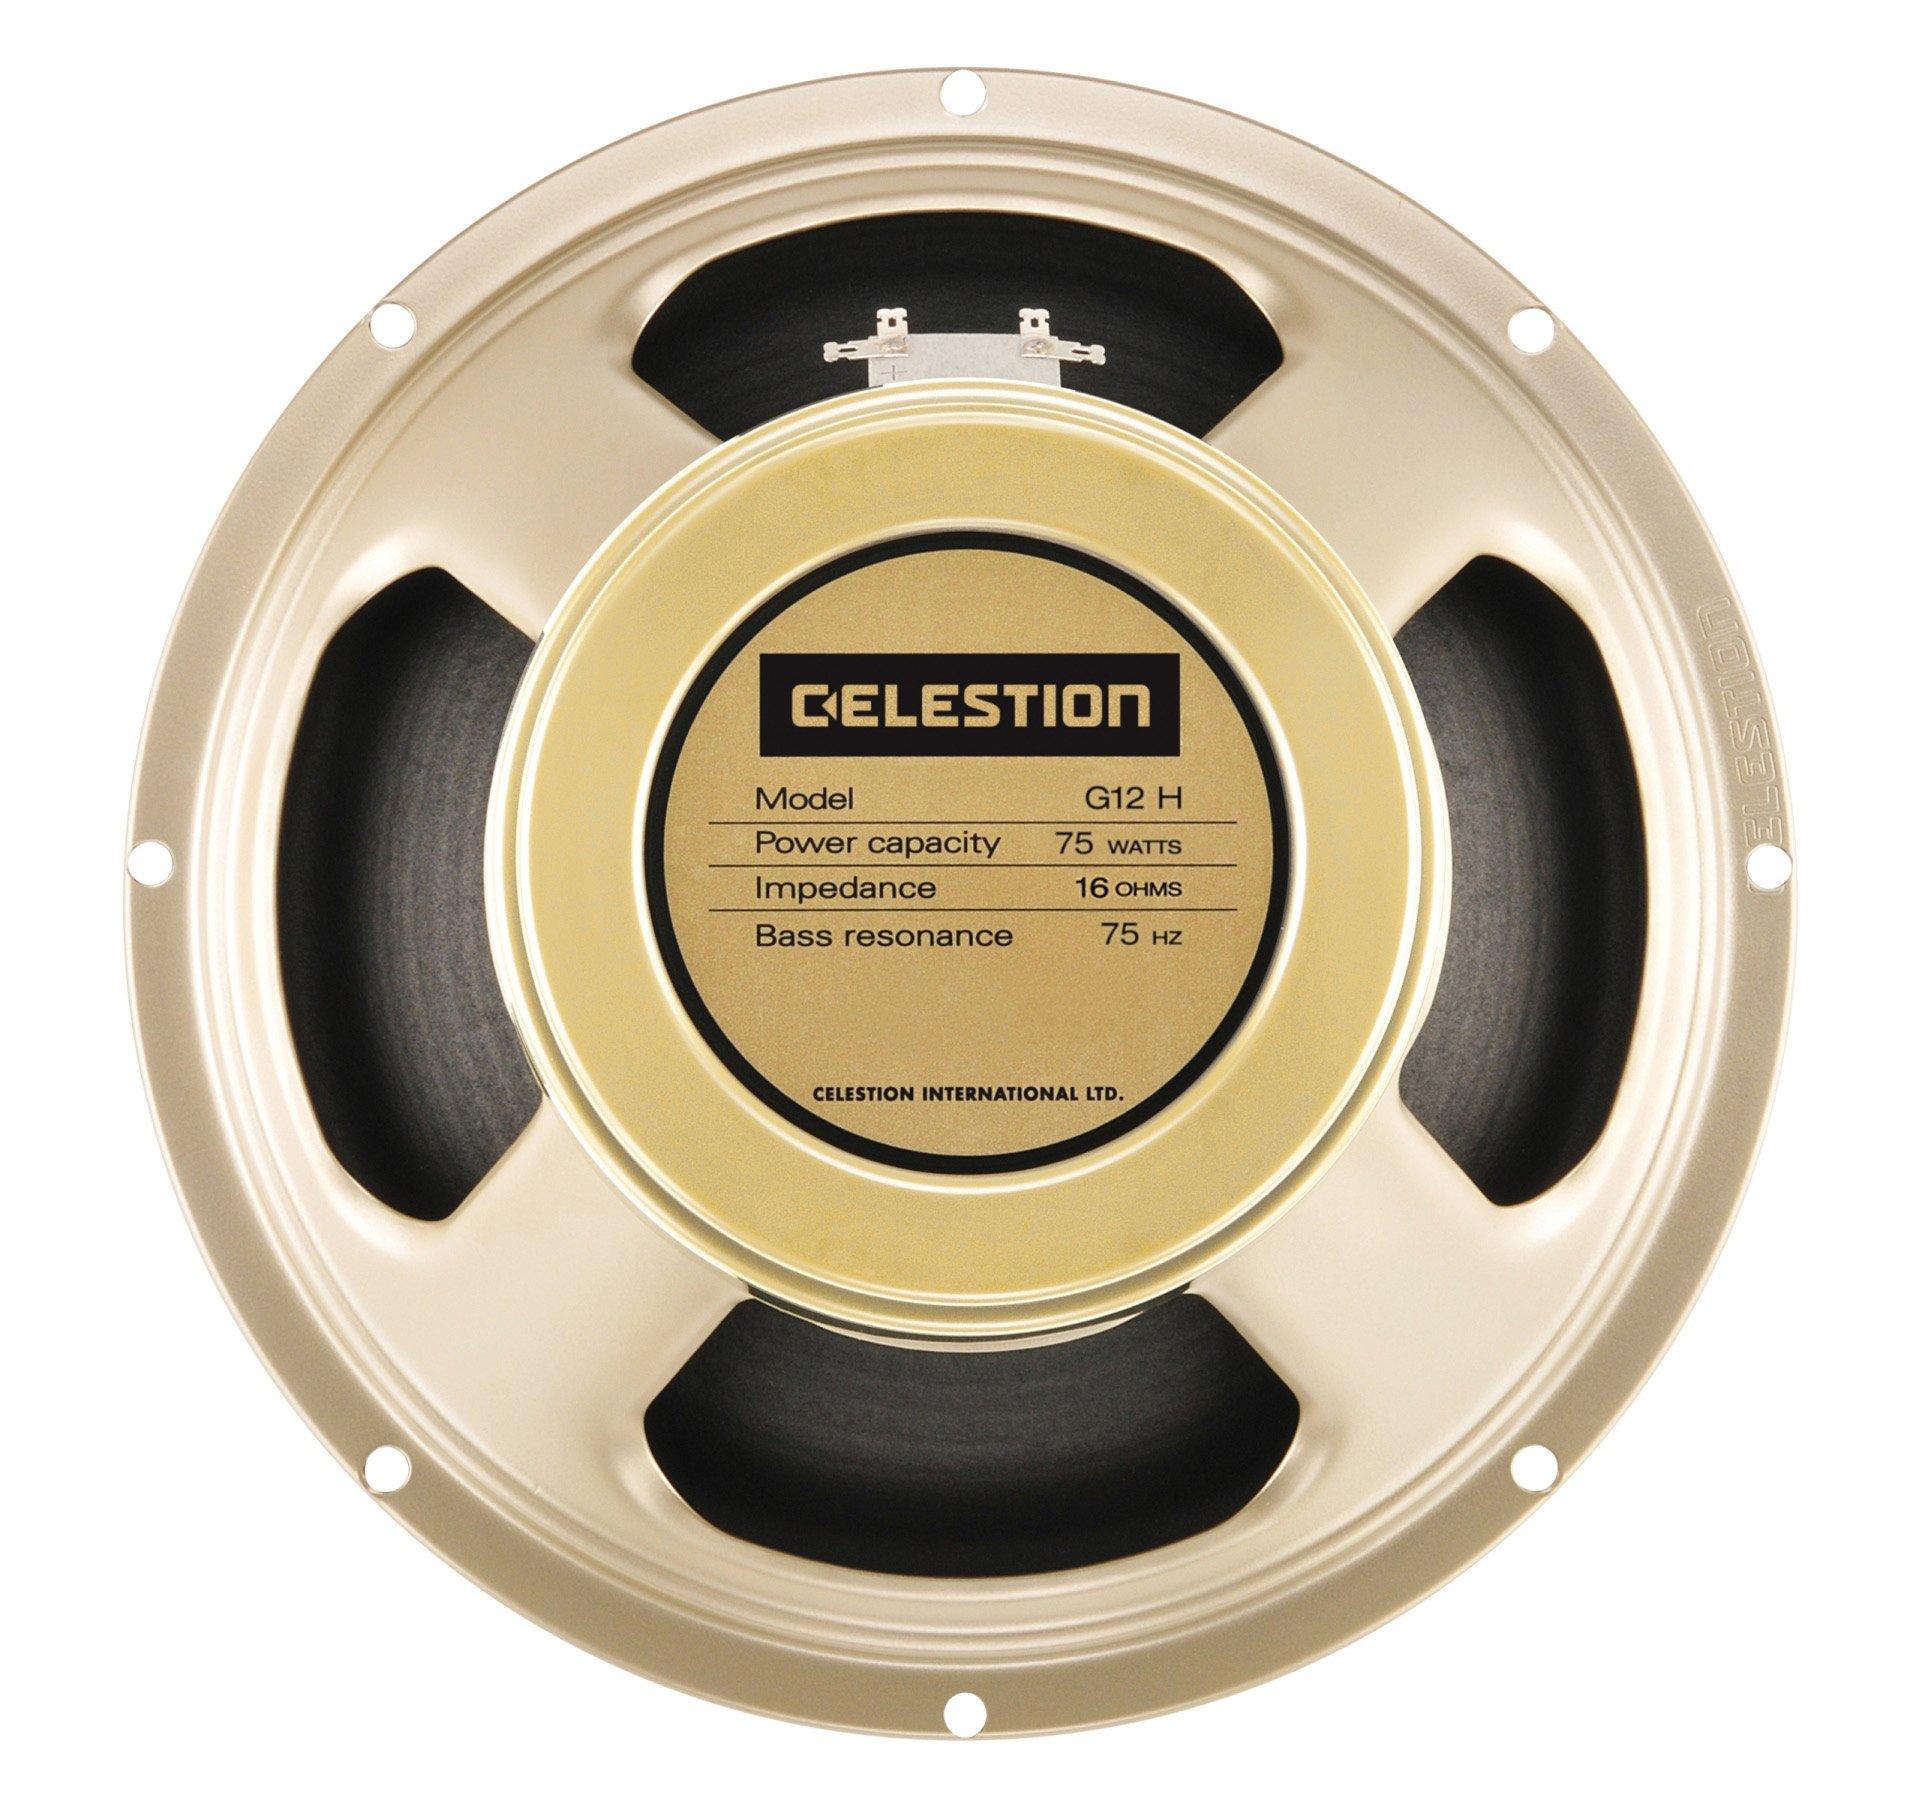 CELESTION G12H-75 Creamback, 12-Inch 75W 16ohm guitar speaker by CELESTION